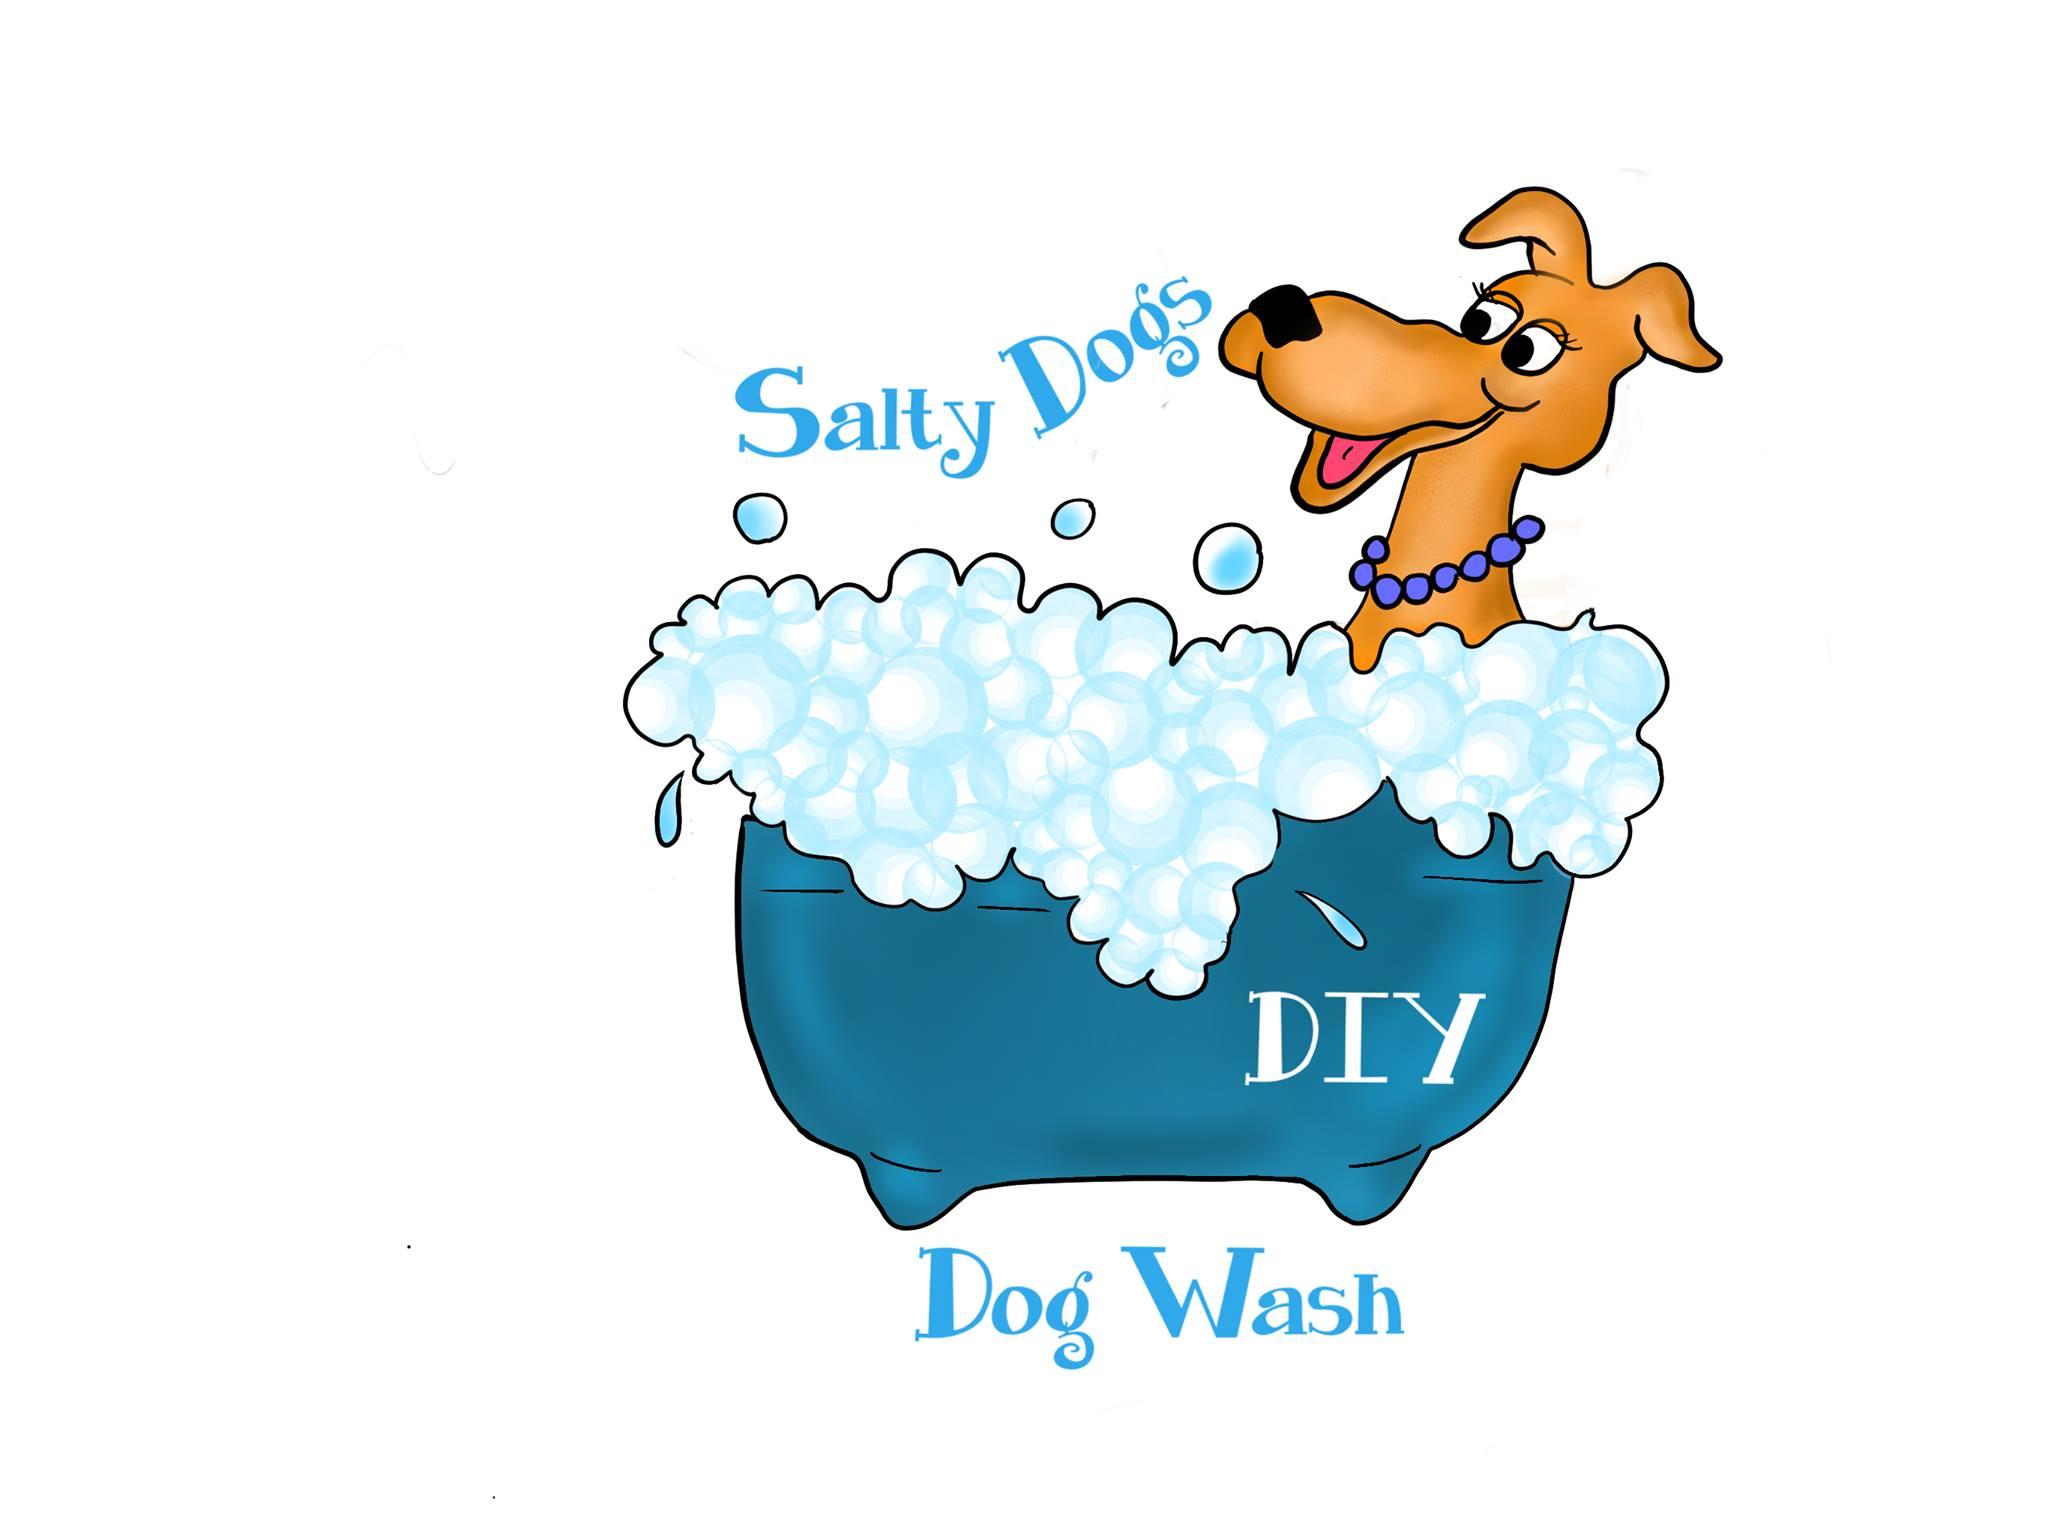 salty dogs diy